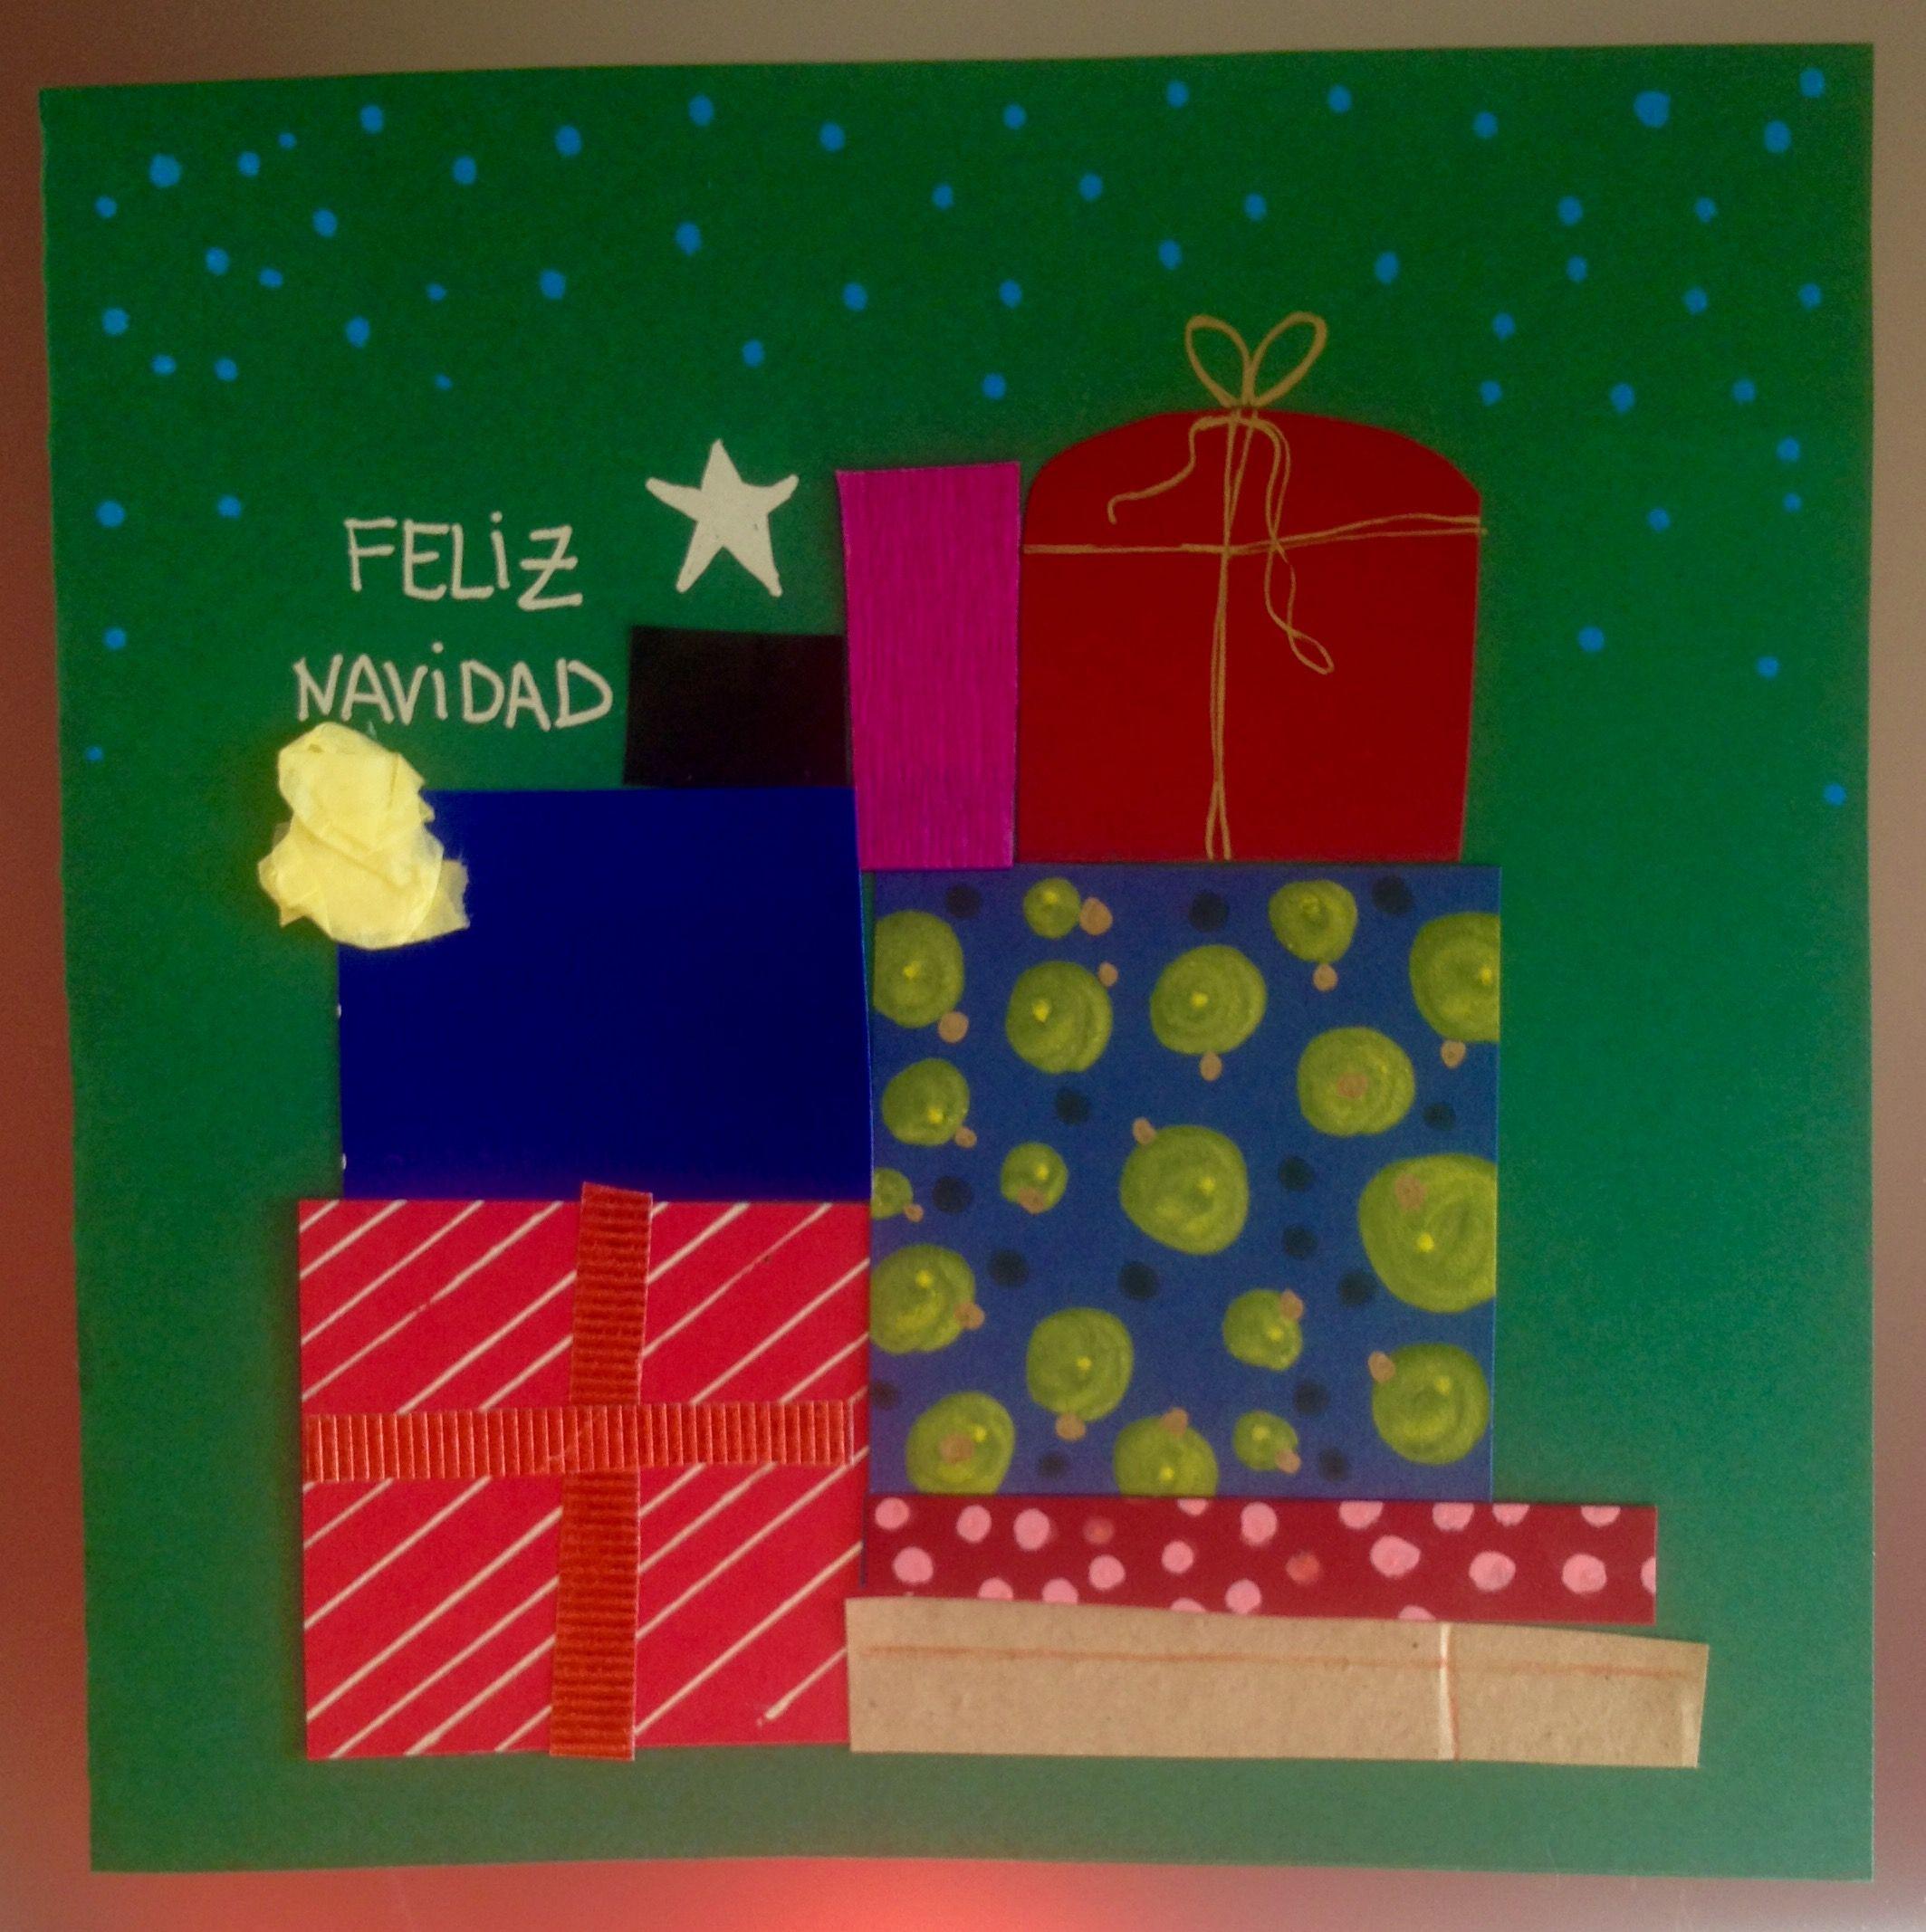 #christmascards #handmade #postales #tarjetas #navidad #REGALOS